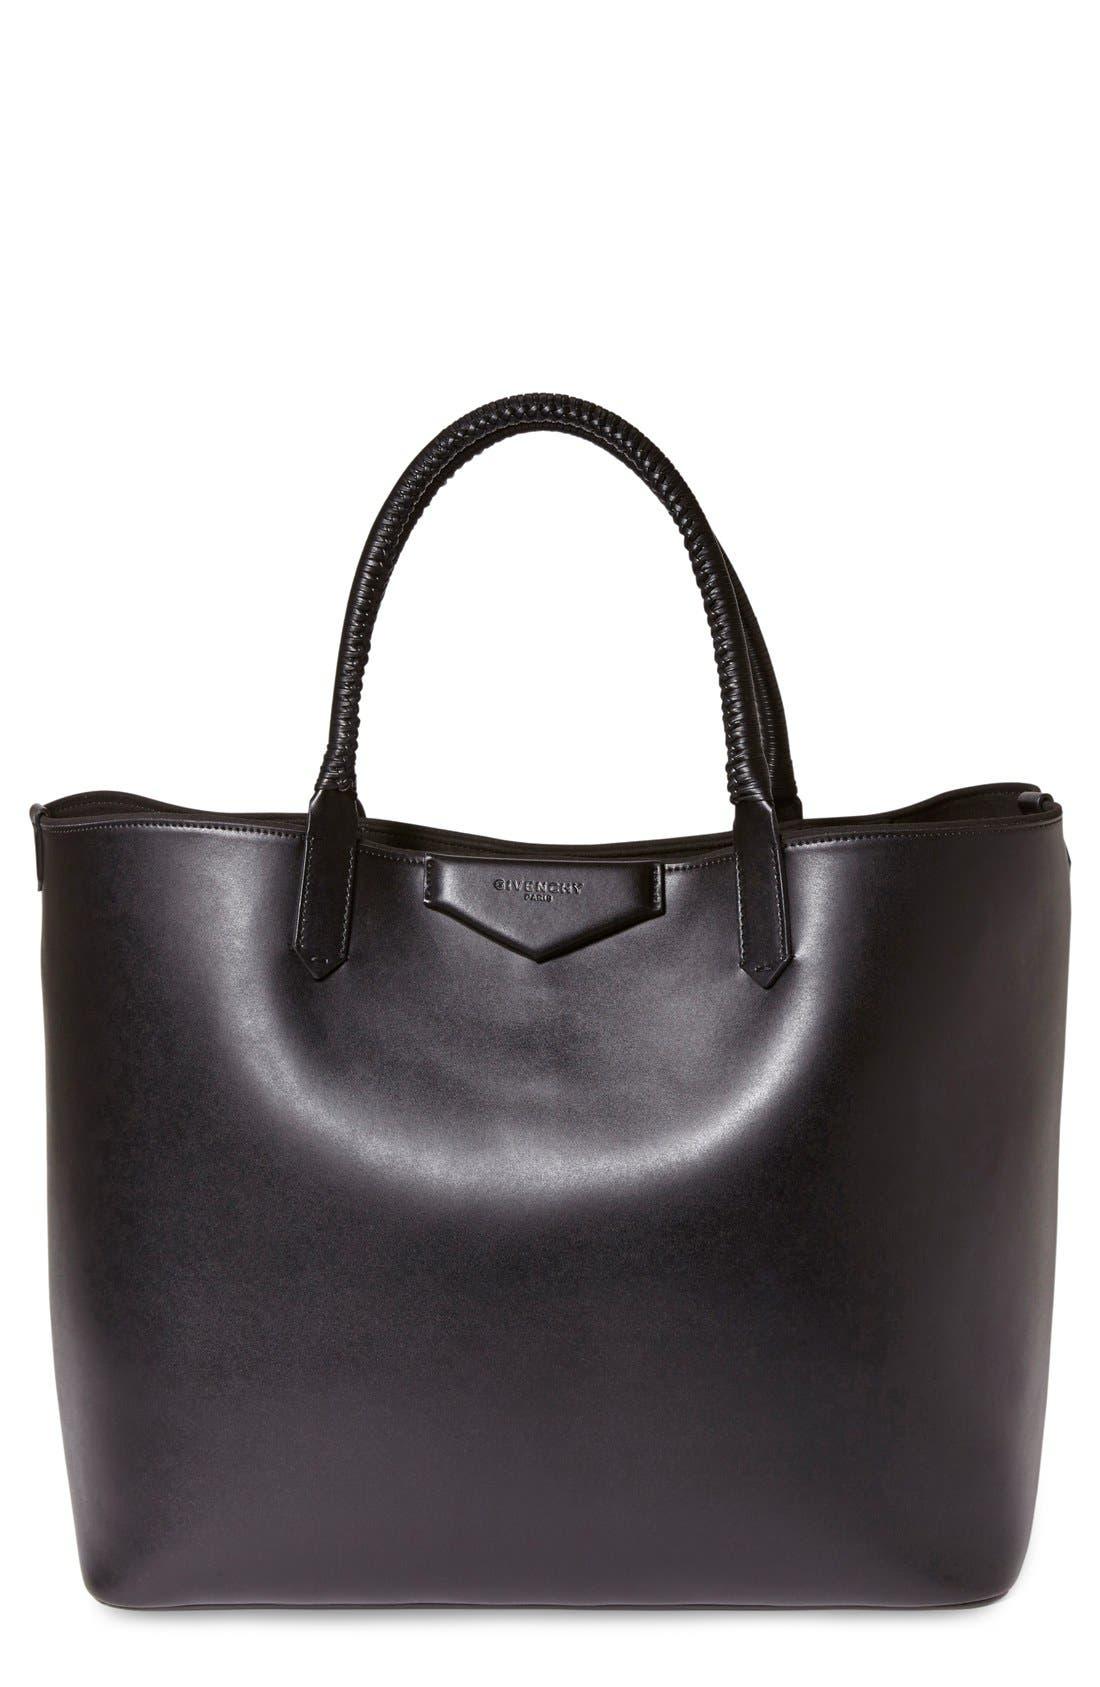 Alternate Image 1 Selected - Givenchy 'Large Antigona' Leather Shopper